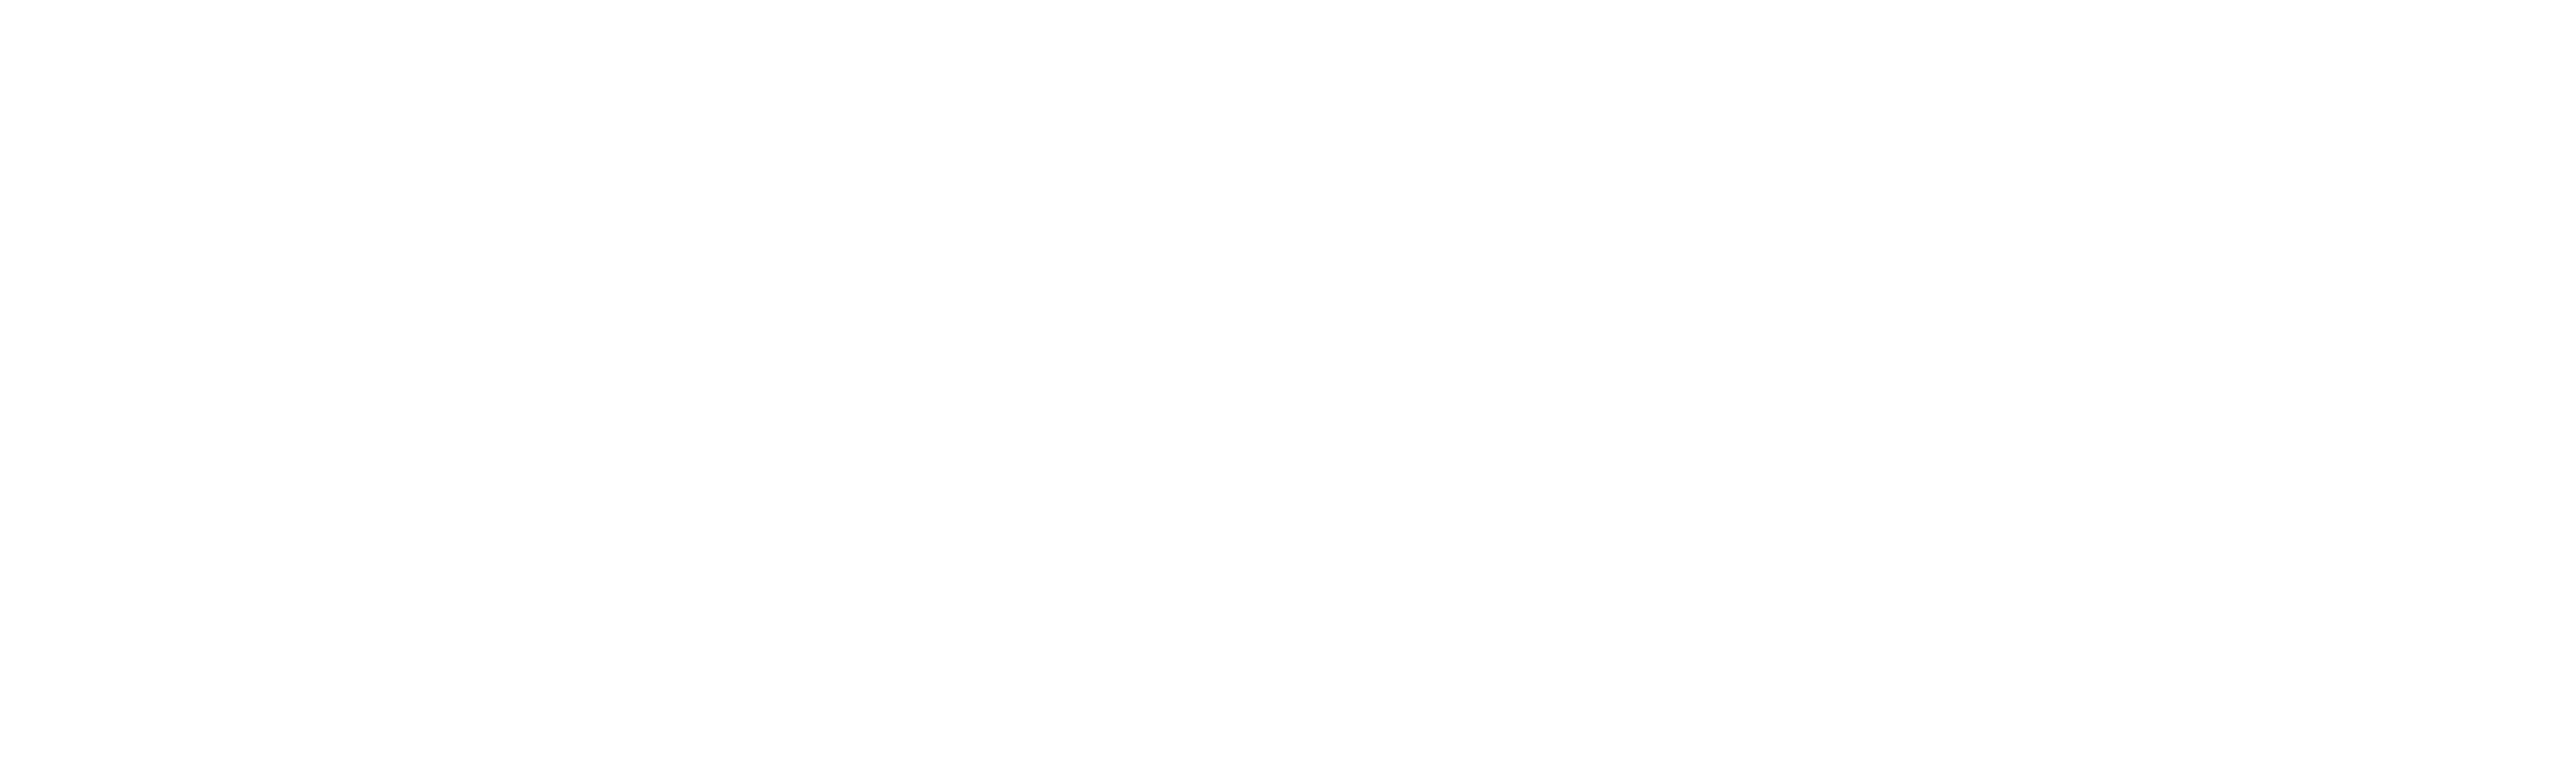 川島範久建築設計事務所